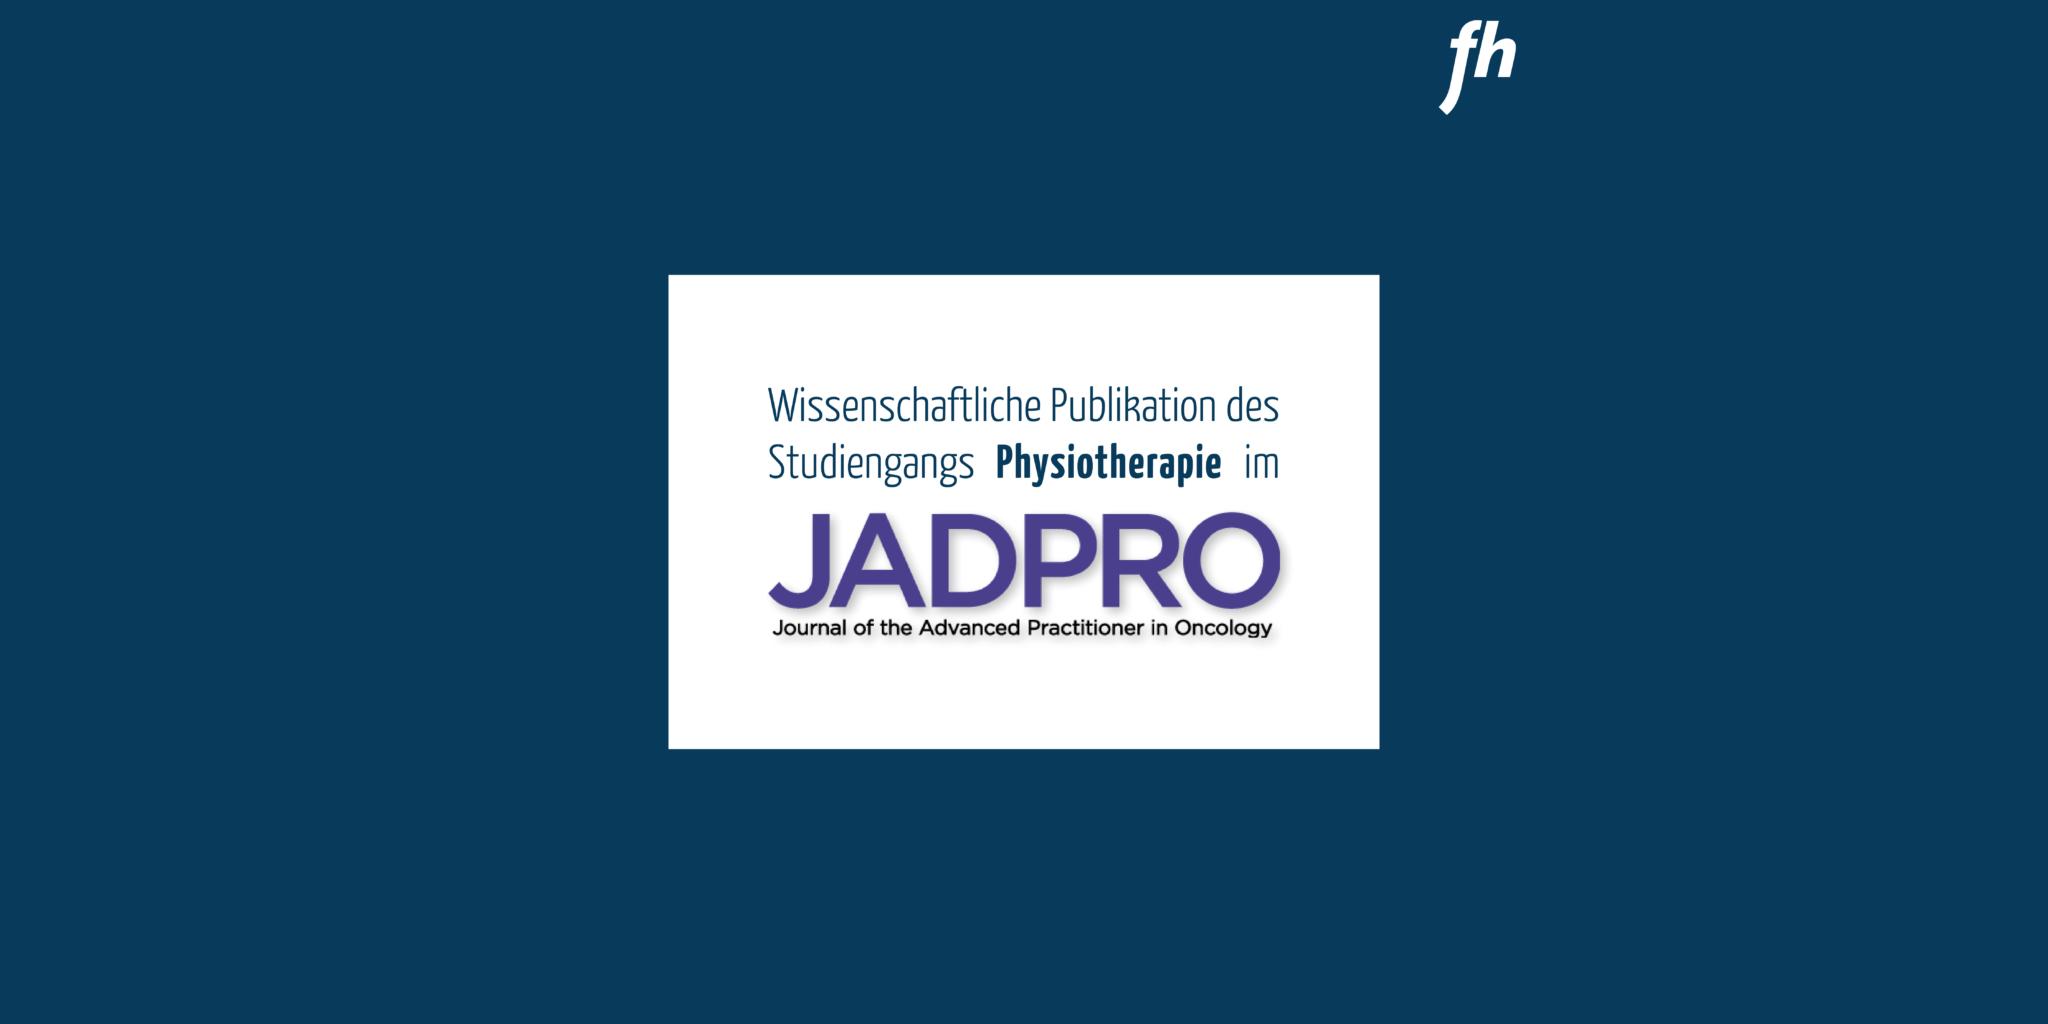 Wissenschaftliche Publikation des Studienganges Physiotherapie im JADPRO Journal